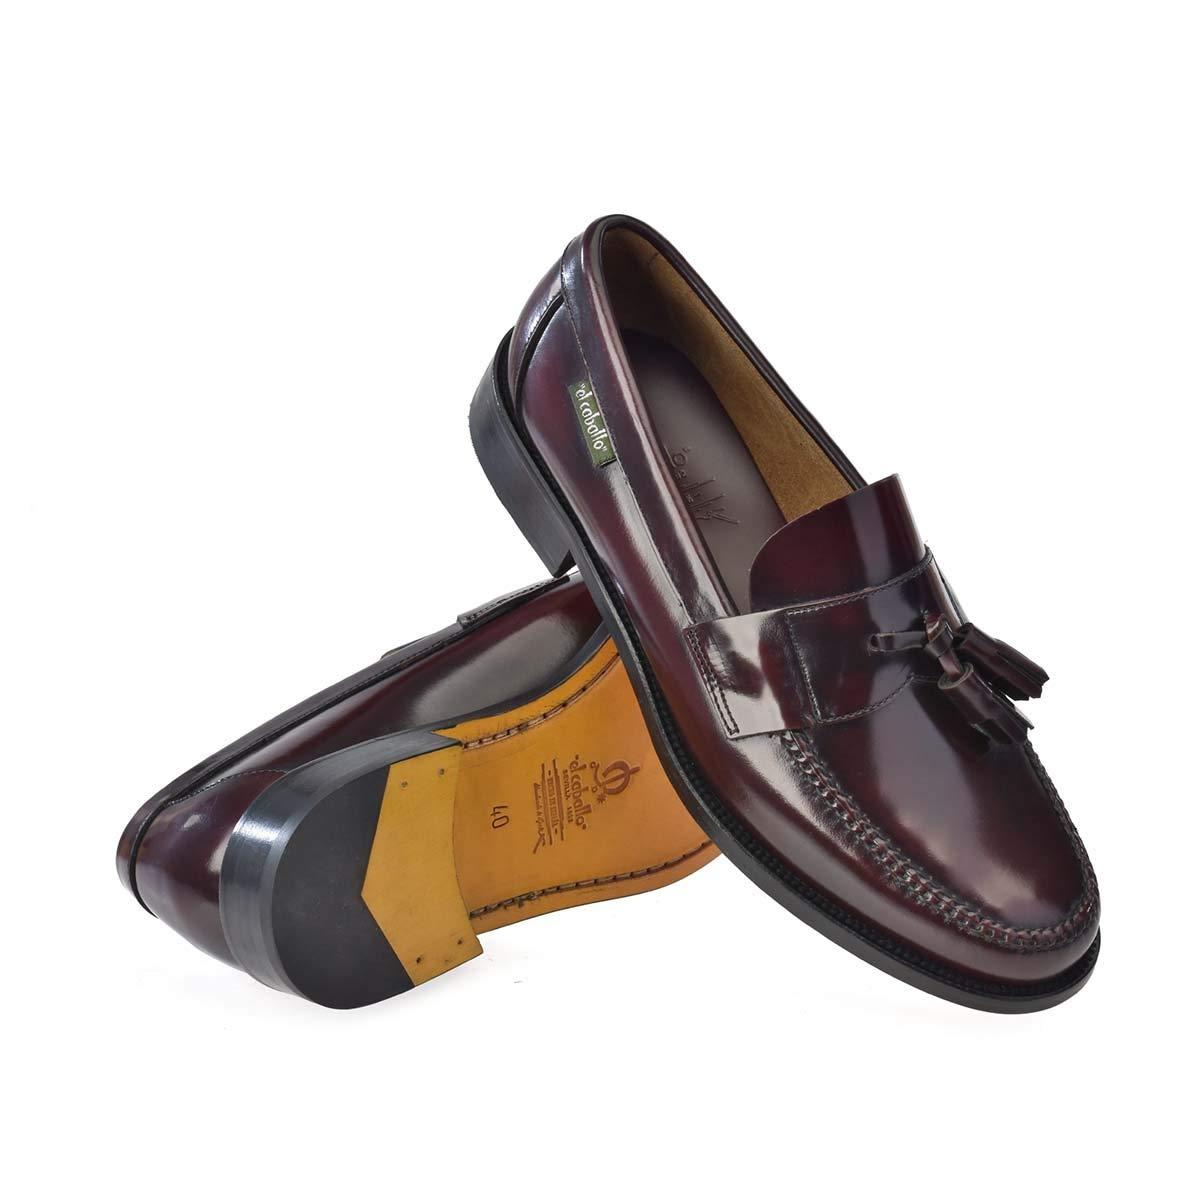 608EC Burdeos Talla 43 - Zapato de Hombre El Caballo 608 Burdeos (Talla Calzado: 43, Color: Burdeos) - Otoño-Invierno 2018/47 Zapatos de Piel: Amazon.es: ...